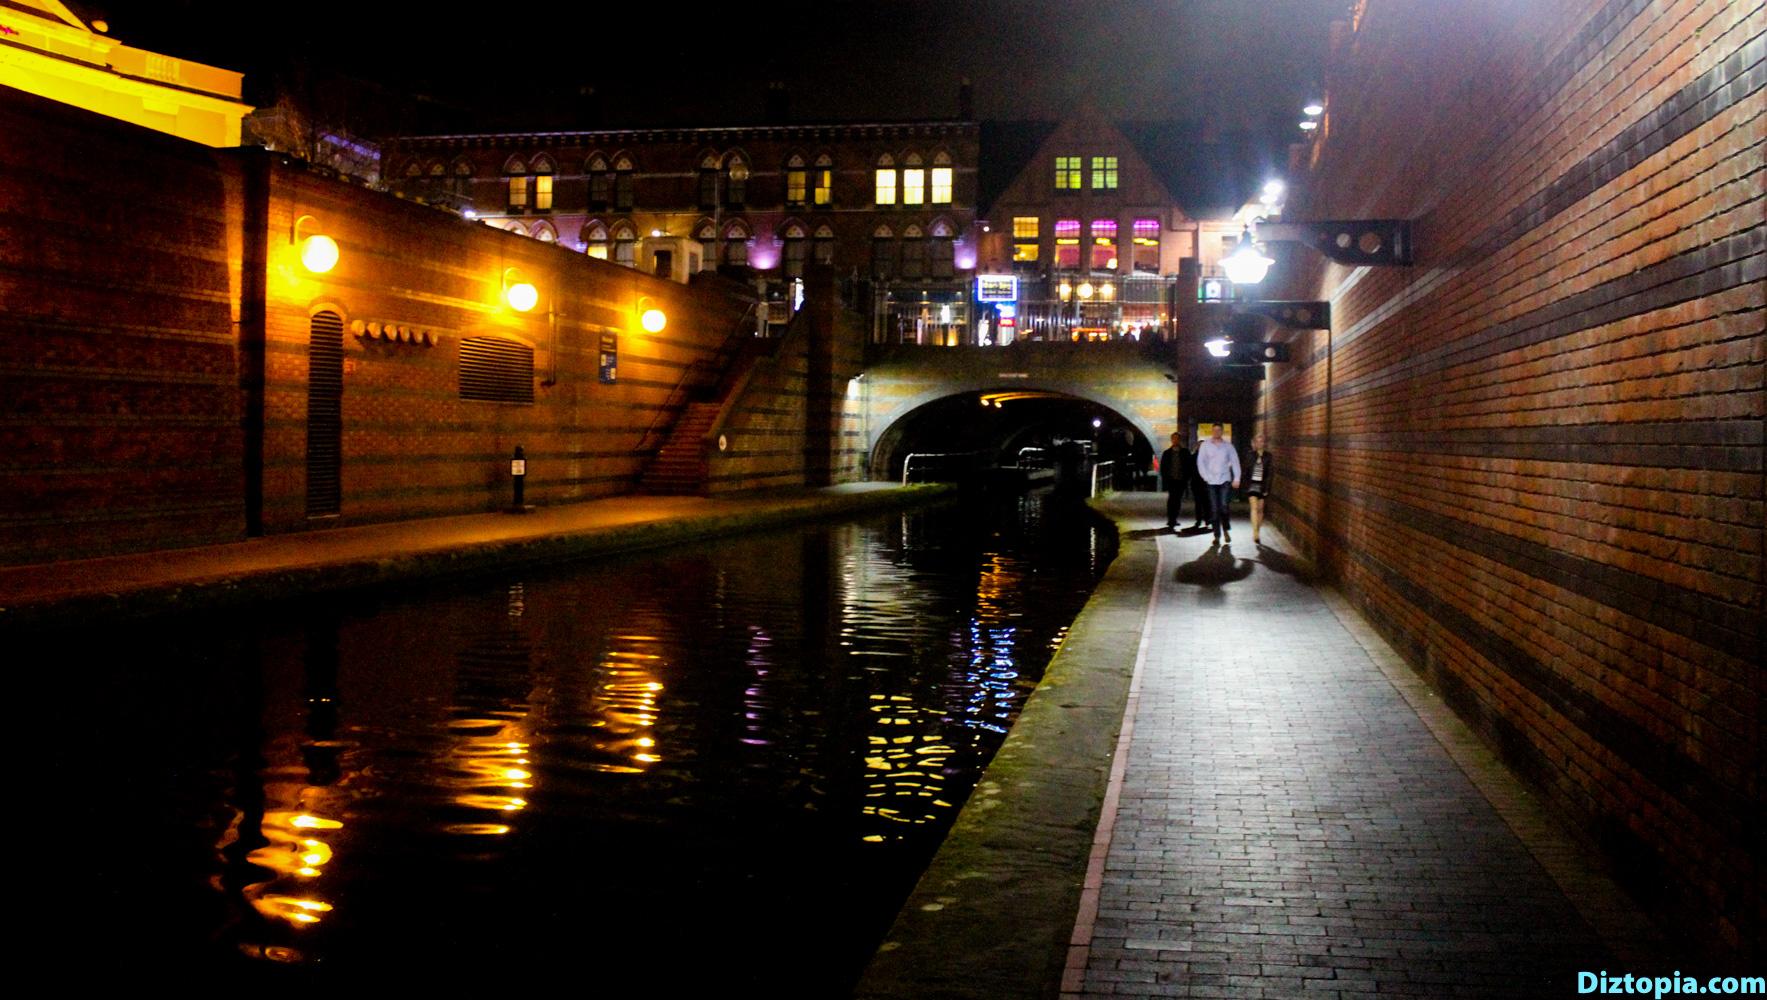 Birmingham-Canal-City-Diztopia-Photography-Night-Dizma-Dahl-China-Town-UK-Blog-32